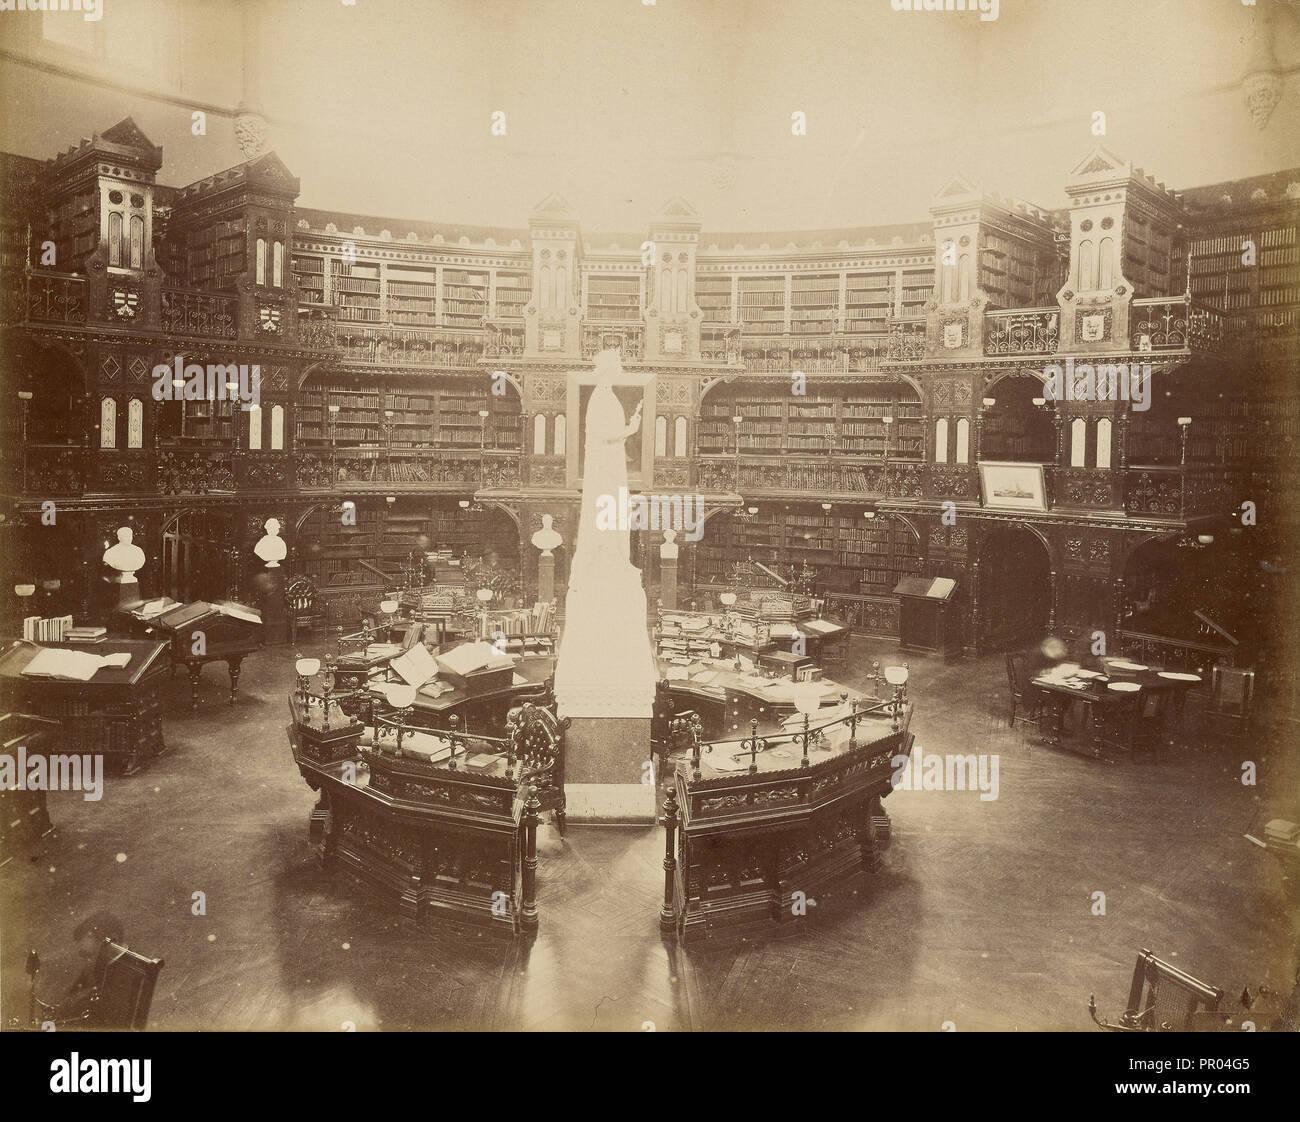 Ottawa, Interieur de La Bibliotheque au Palais du Parlement; Ottawa, Kanada; 1860-1880; Eiklar silber Drucken Stockbild